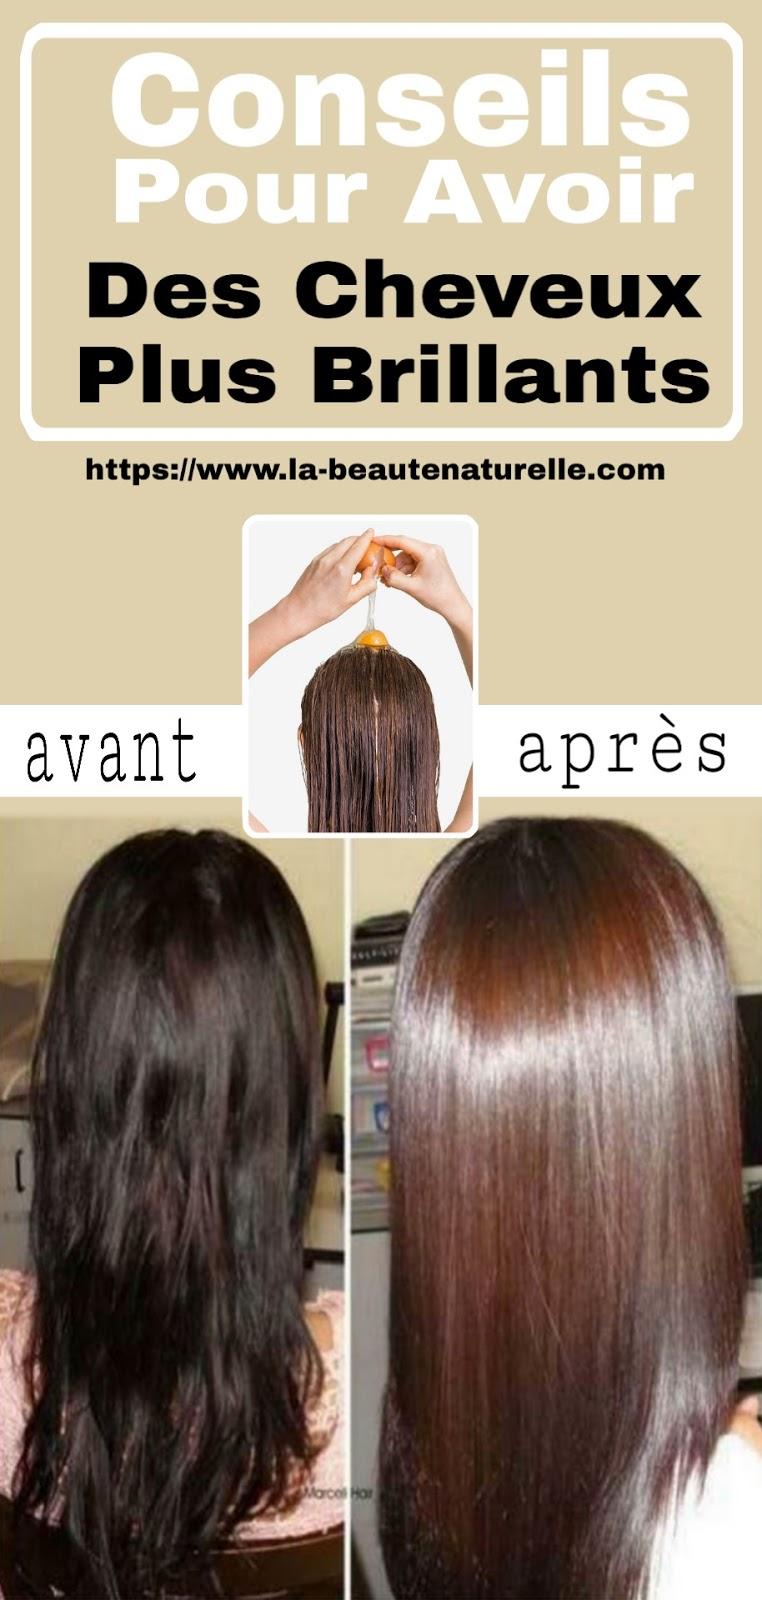 Conseils Pour Avoir Des Cheveux Plus Brillants